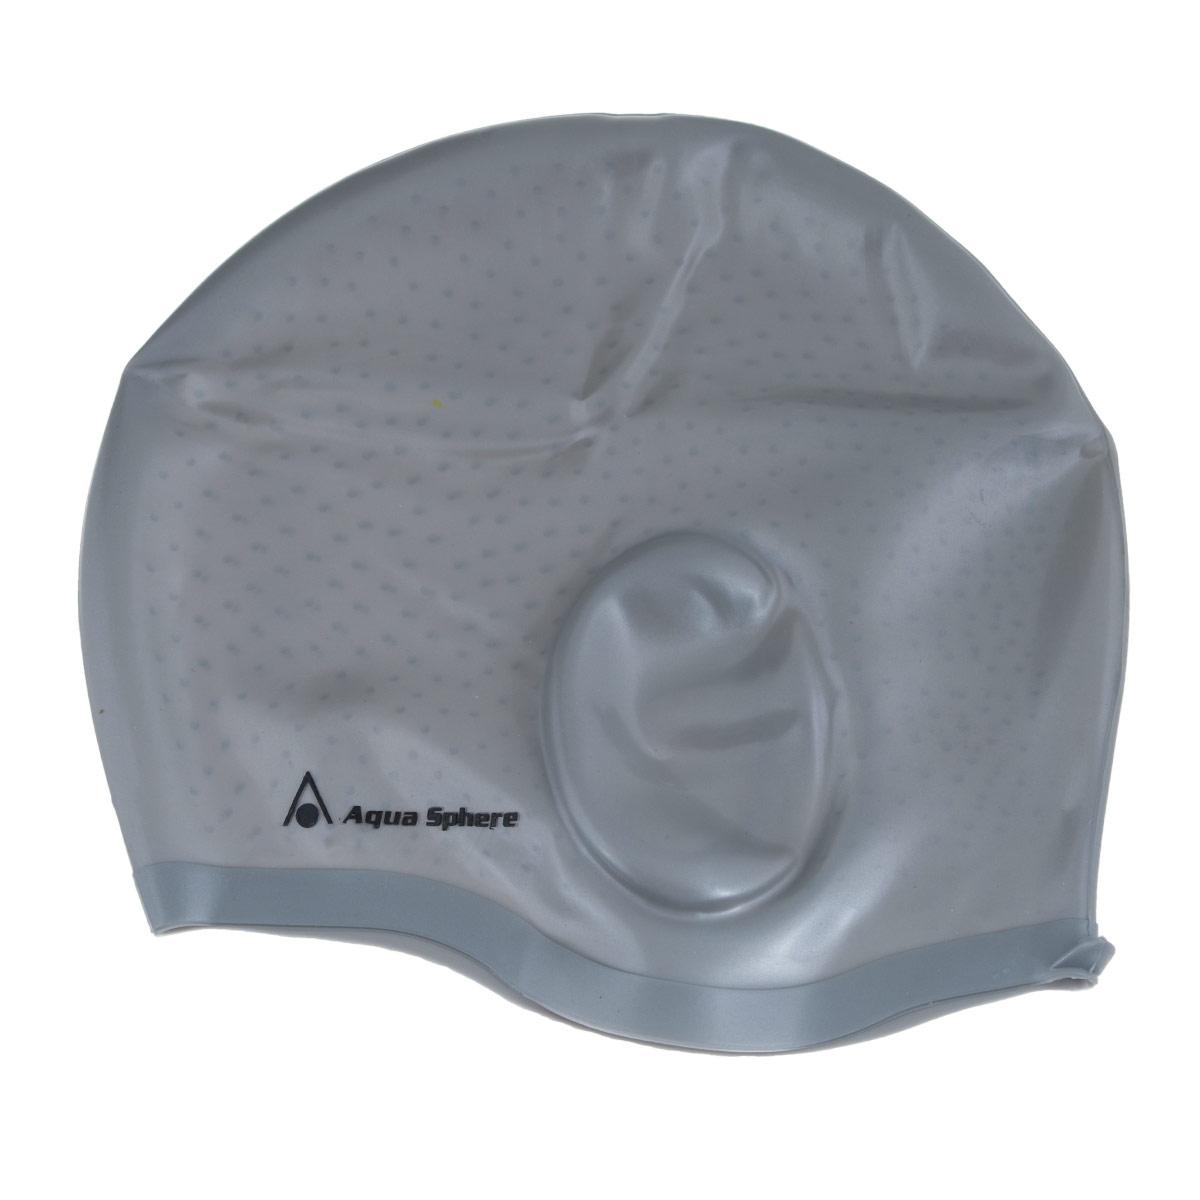 Шапочка для плавания Aqua Sphere Aqua Glide, цвет: серебристый3B327Анатомическая силиконовая шапочка Aqua Sphere Aqua Glide выполнена из высококачественного гипоаллергенного силикона. Специальные ушные карманы уменьшают давление шапочки на уши и предотвращают ее соскальзывание. Пупырчатая внутренняя поверхность также препятствует соскальзыванию. Шапочка обеспечивает 100% защиту от ультрафиолетового излучения.